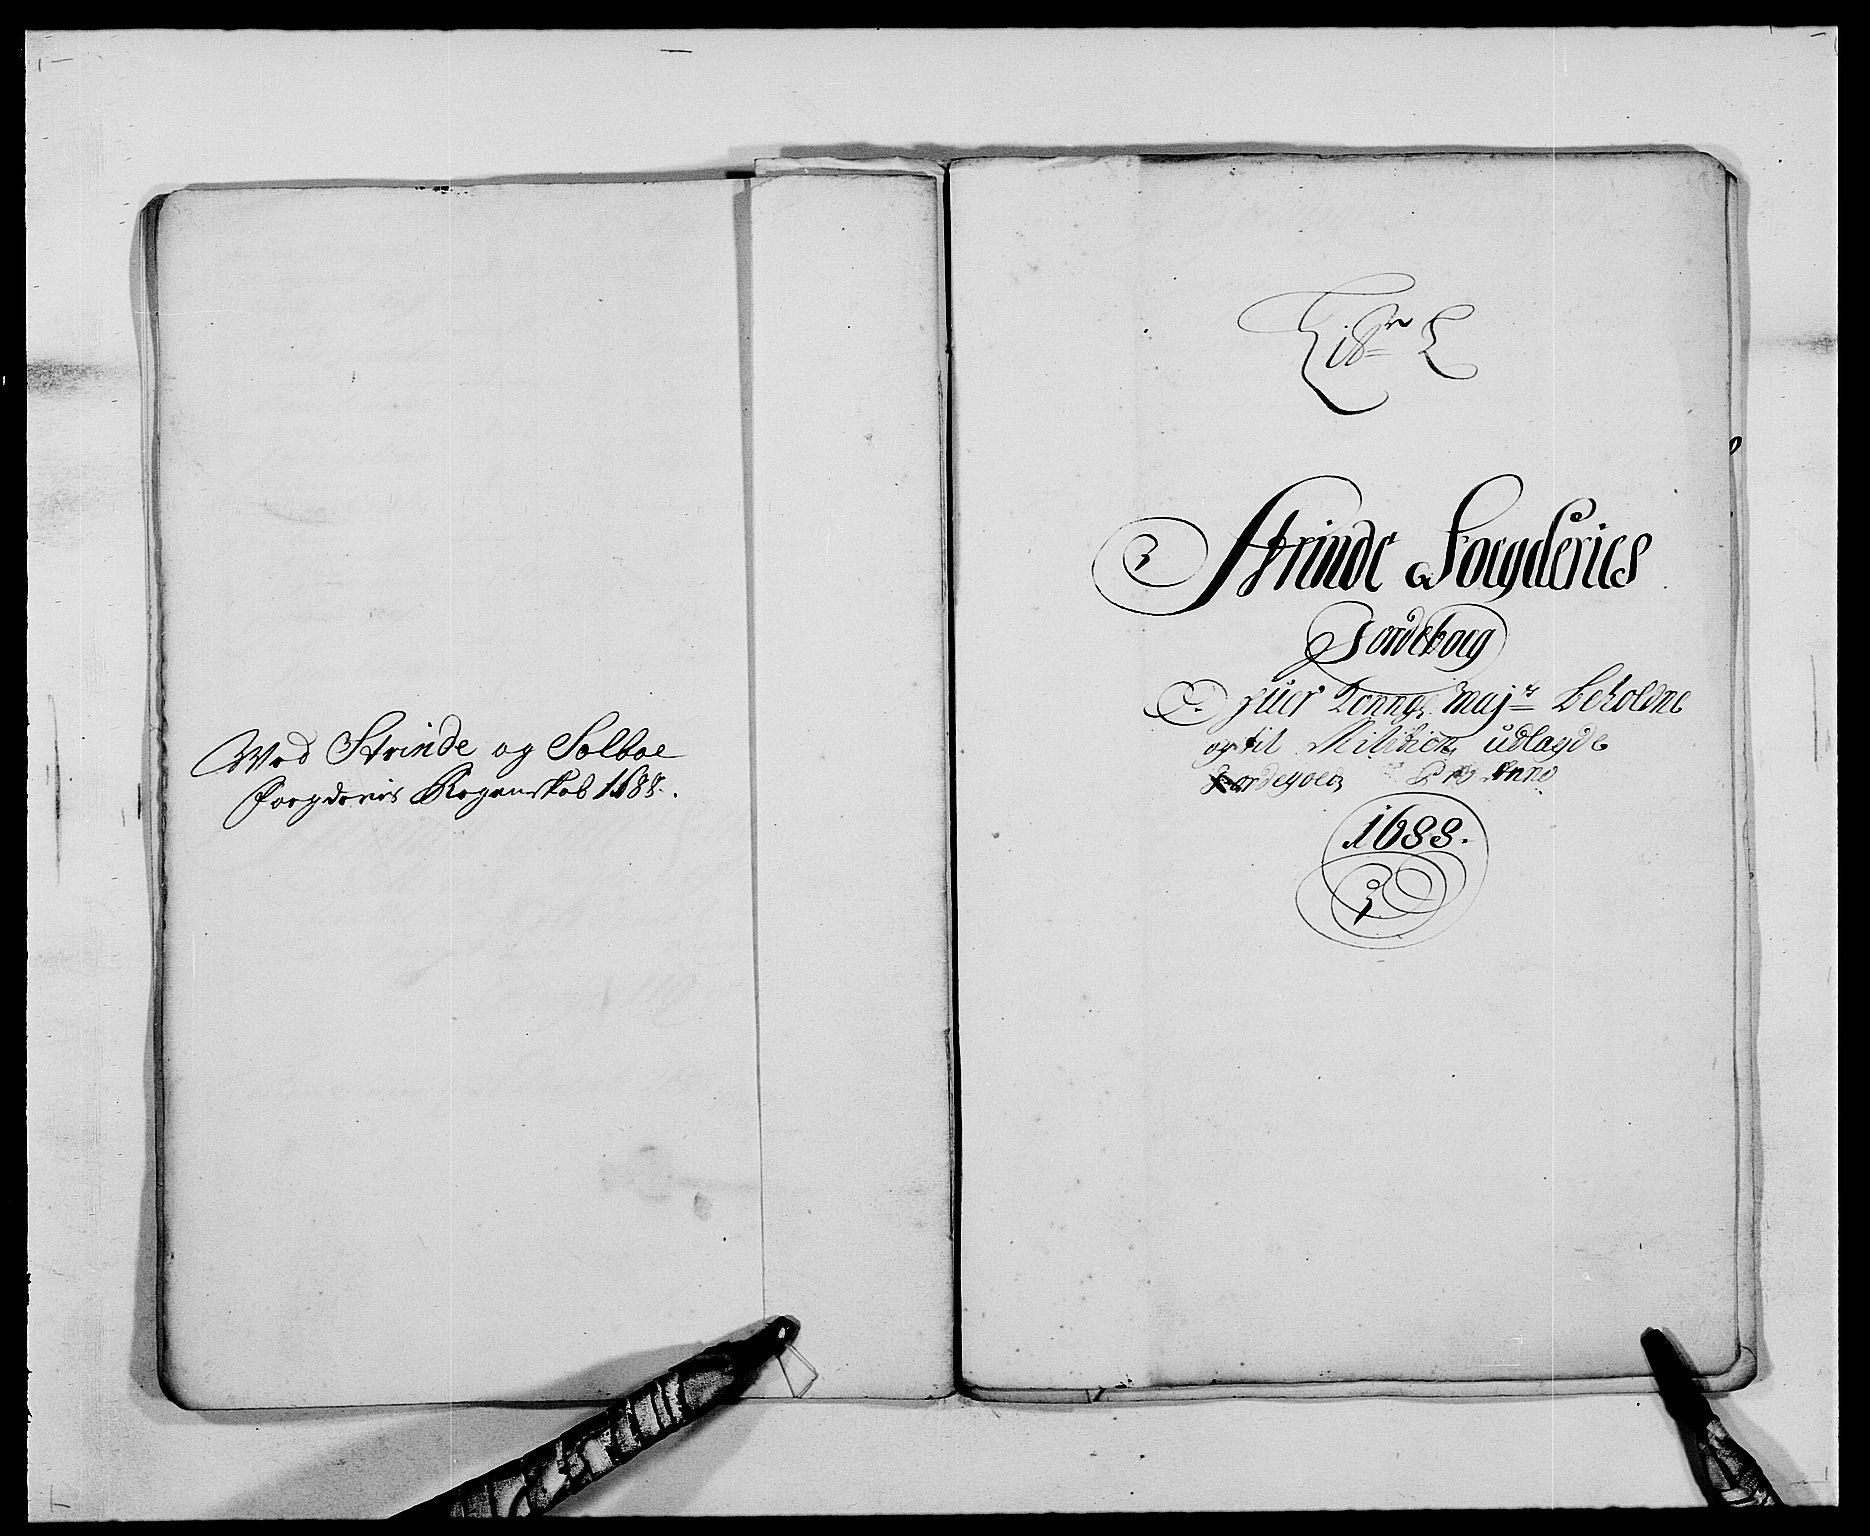 RA, Rentekammeret inntil 1814, Reviderte regnskaper, Fogderegnskap, R61/L4101: Fogderegnskap Strinda og Selbu, 1687-1688, s. 220